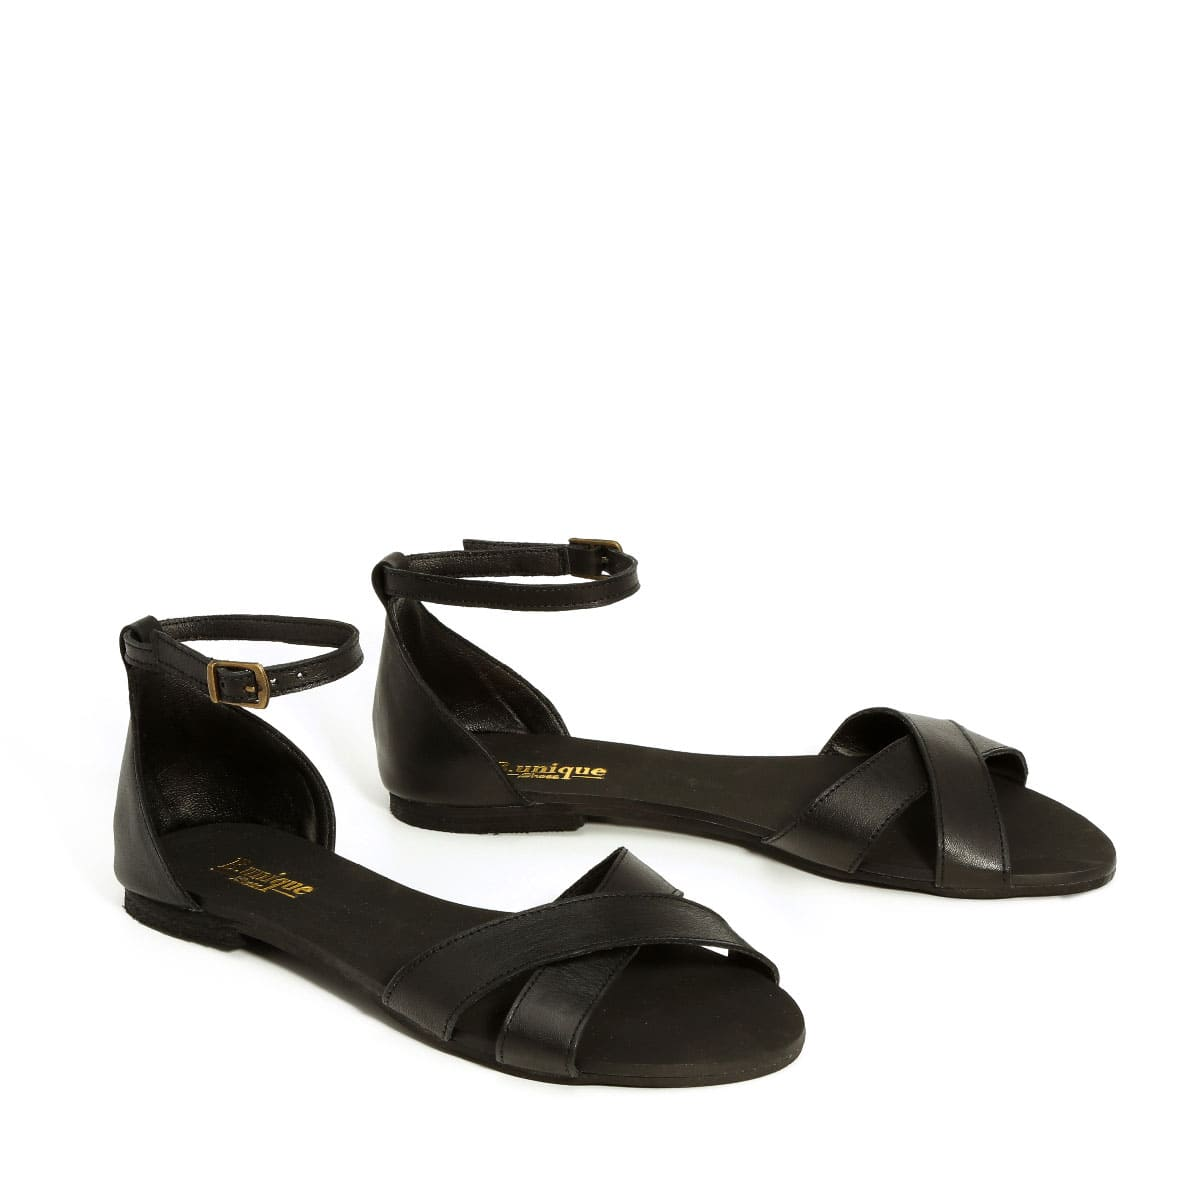 בלעדי לאתר - דגם לירן: סנדלים בצבע שחור